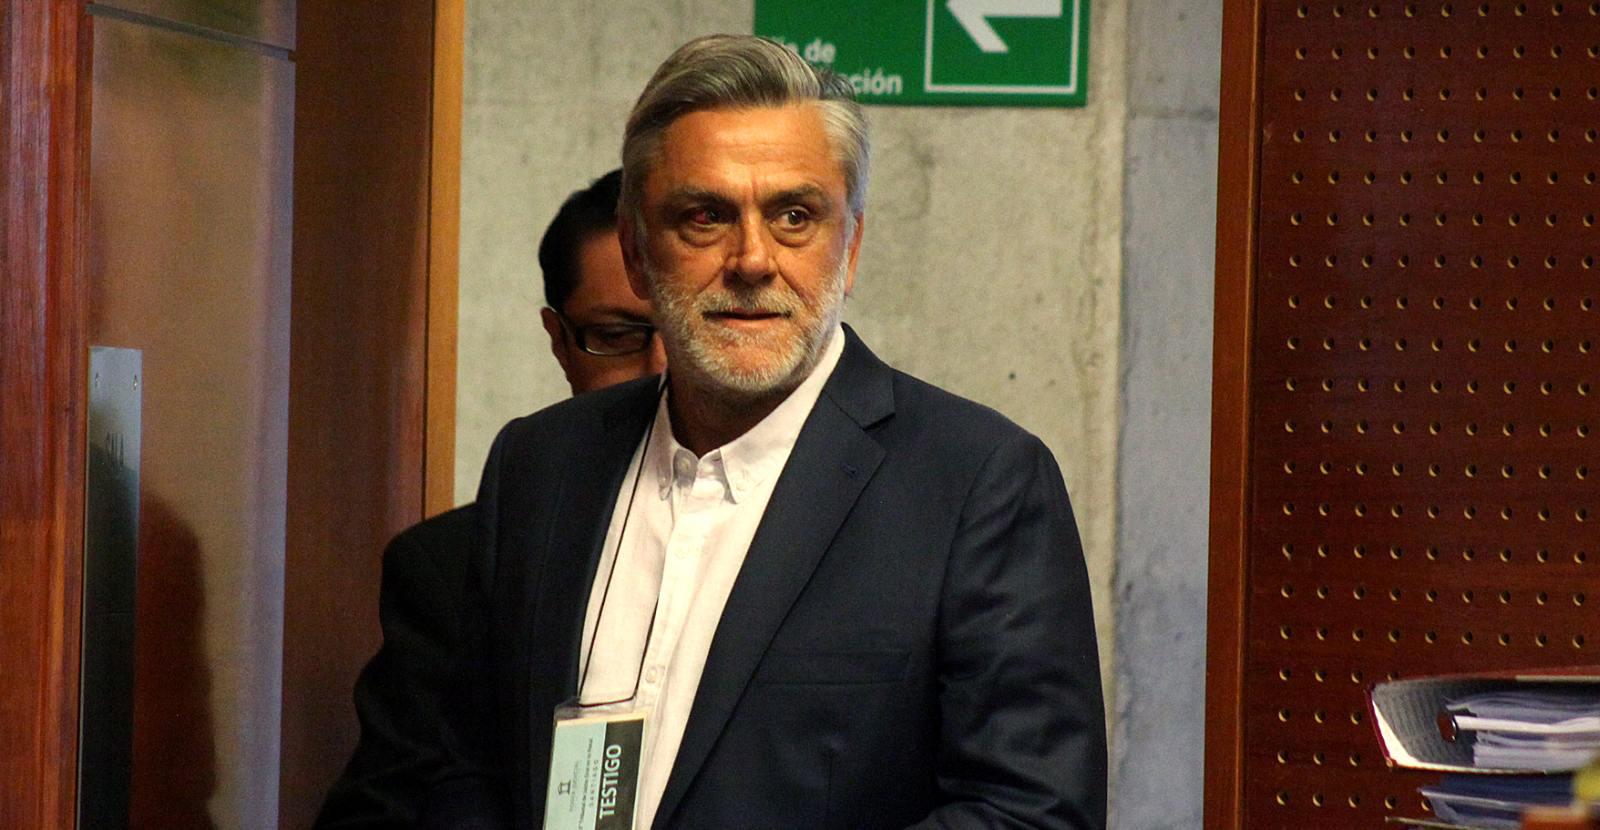 Ni constituyente ni presidente de la UDI: Longueira es inhabilitado por el Servel por caso SQM